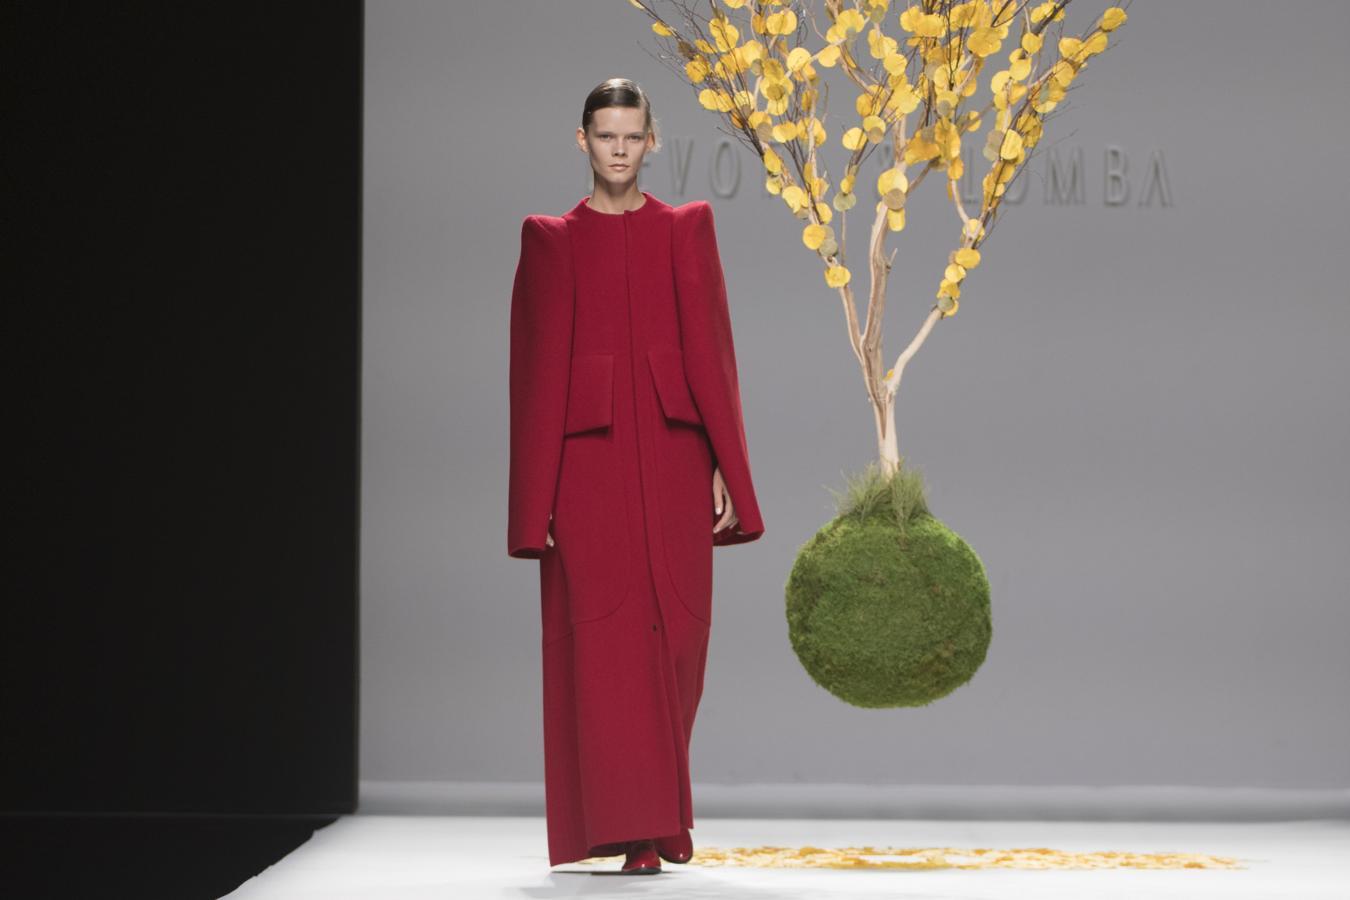 El gran arquitecto de las telas, o de la moda, como se podría definir a Modesto, de Devota & Lomba, sigue estudiando y profundizando en diseñar prendas con compás, escuadra y cartabón.